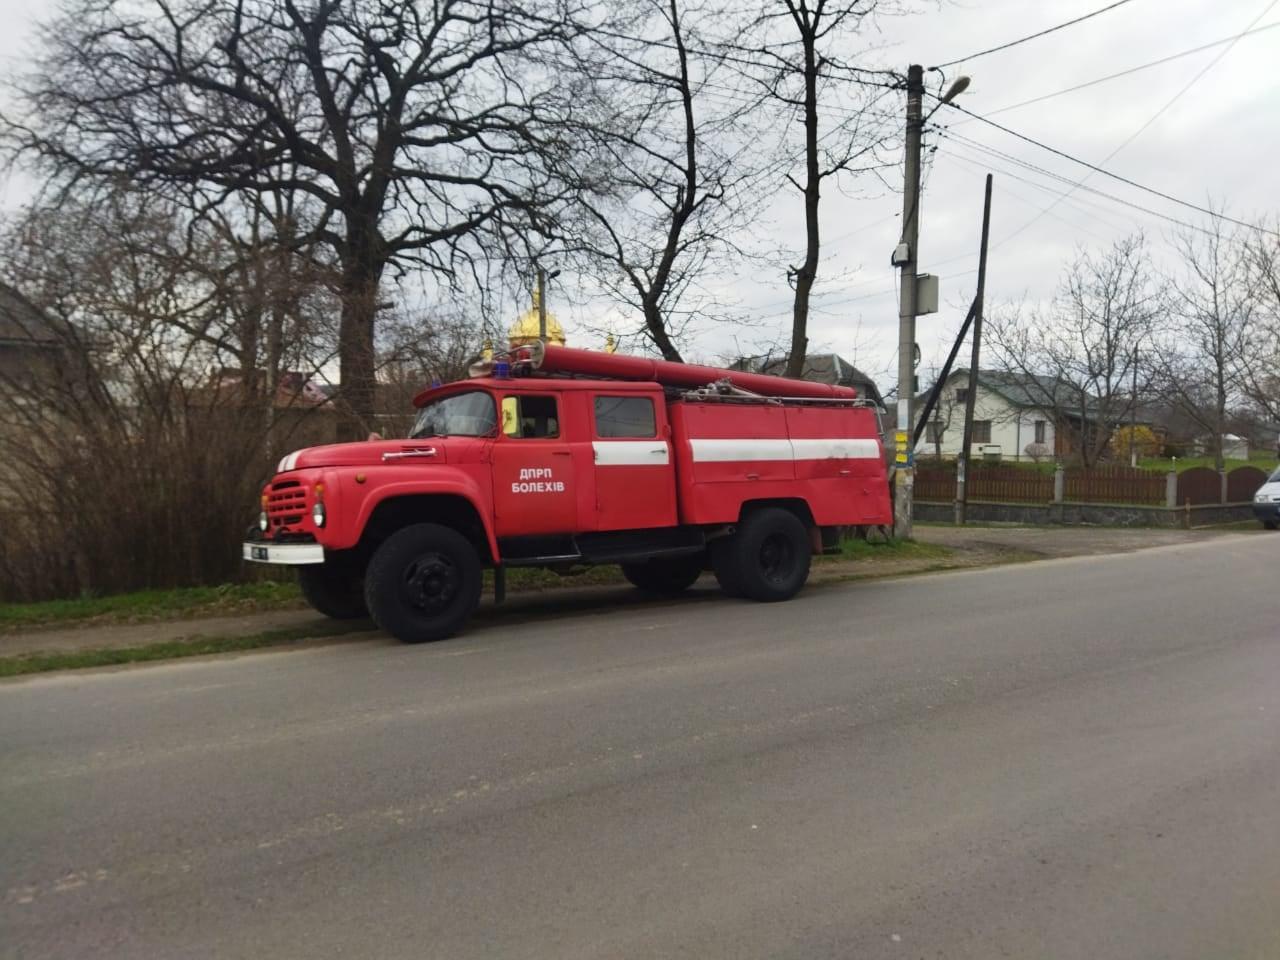 У Болехові жінка отруїлася чадним газом: рятувальники виламали двері